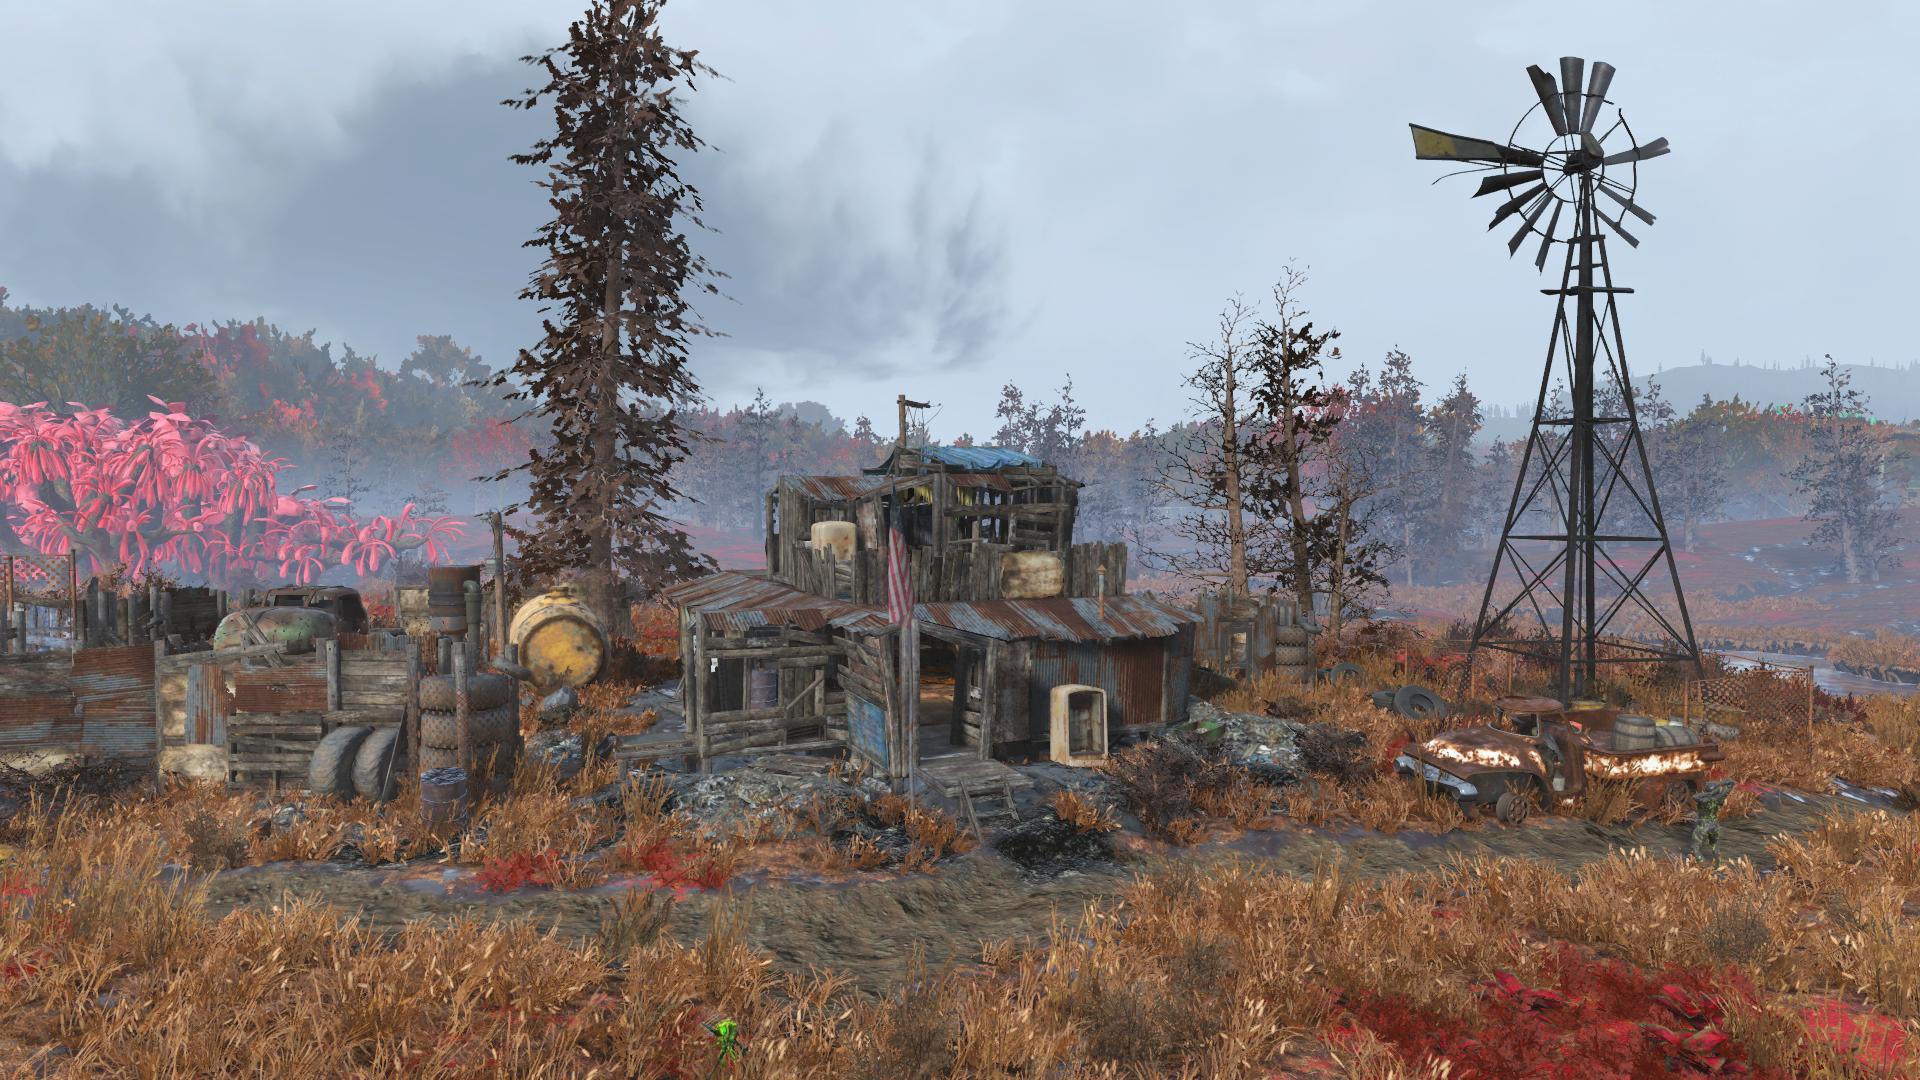 Bootlegger's shack